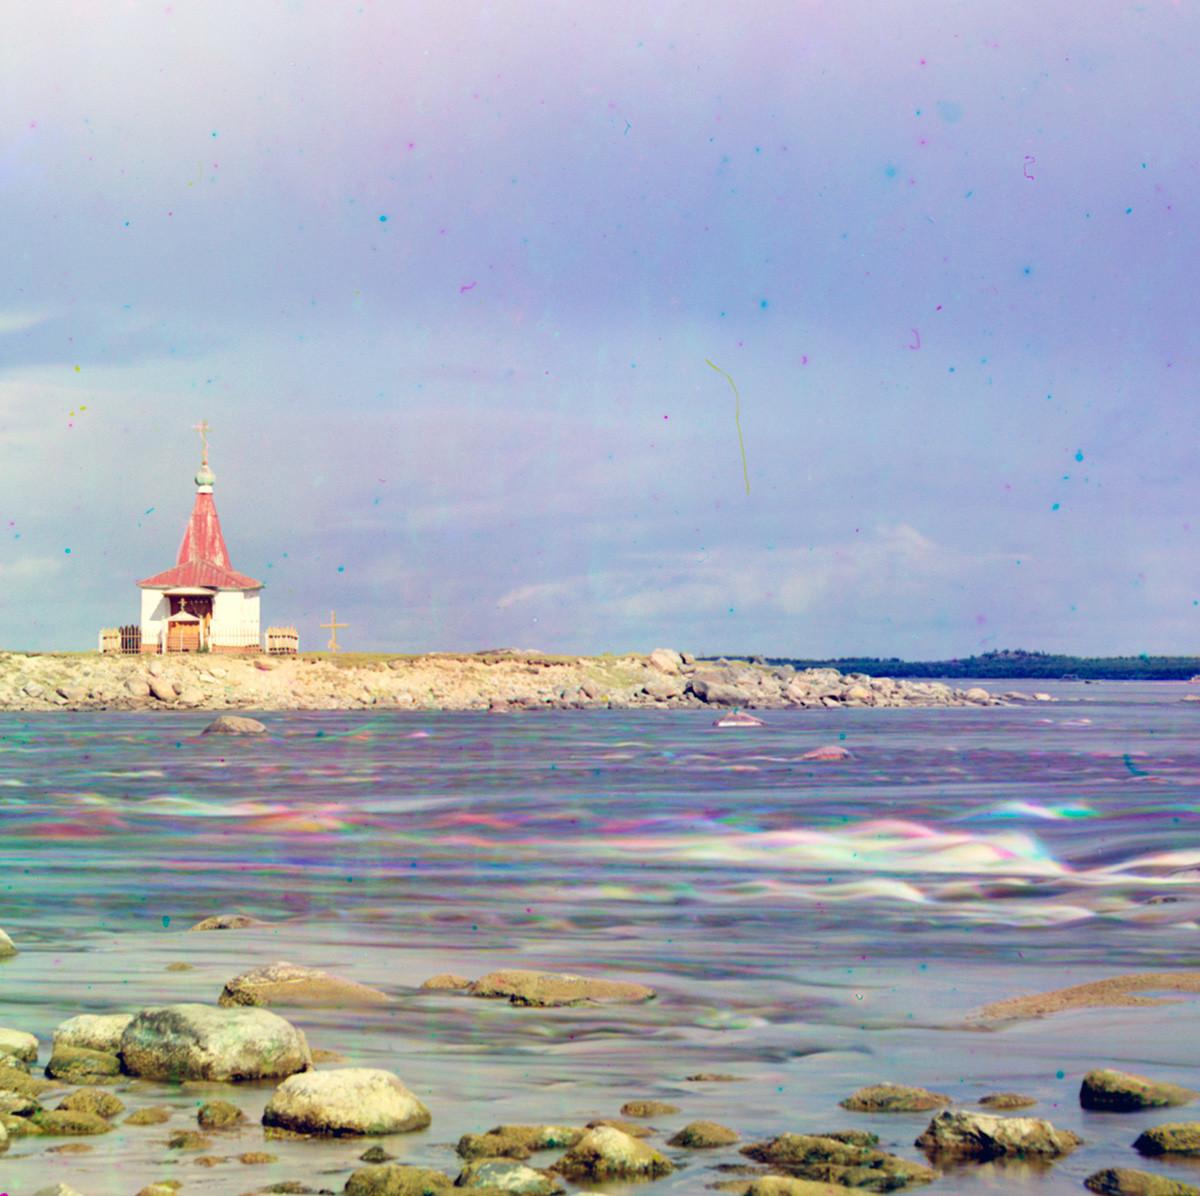 Ustje reke Kem. Pogled proti vzhodu proti Malemu otoku Lep z leseno cerkvijo Janeza Krstnika (uničena). Poletje 1916